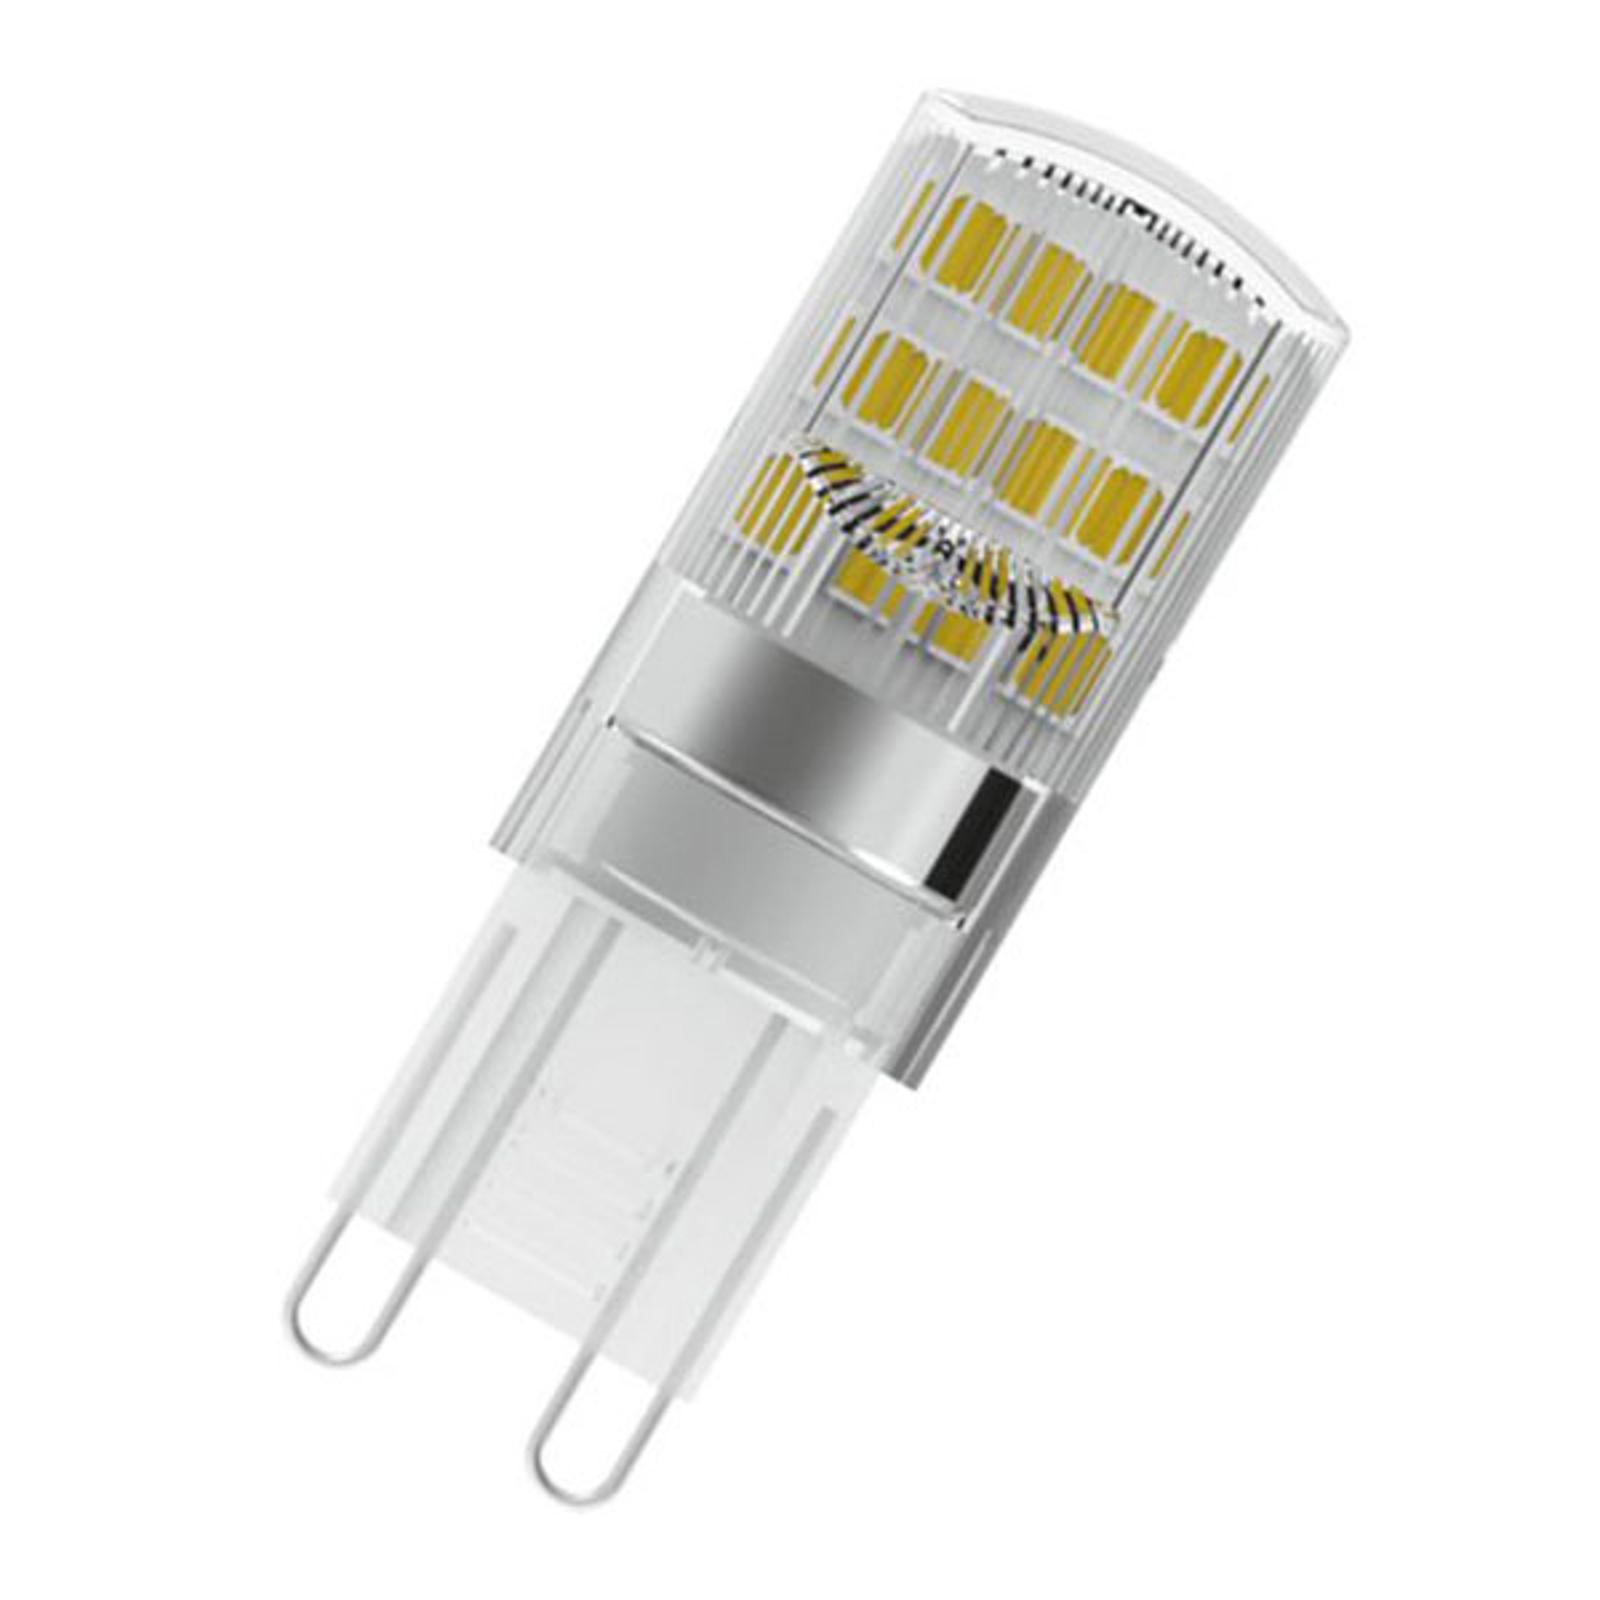 OSRAM LED-stiftpære G9 1,9 W 2700K klar